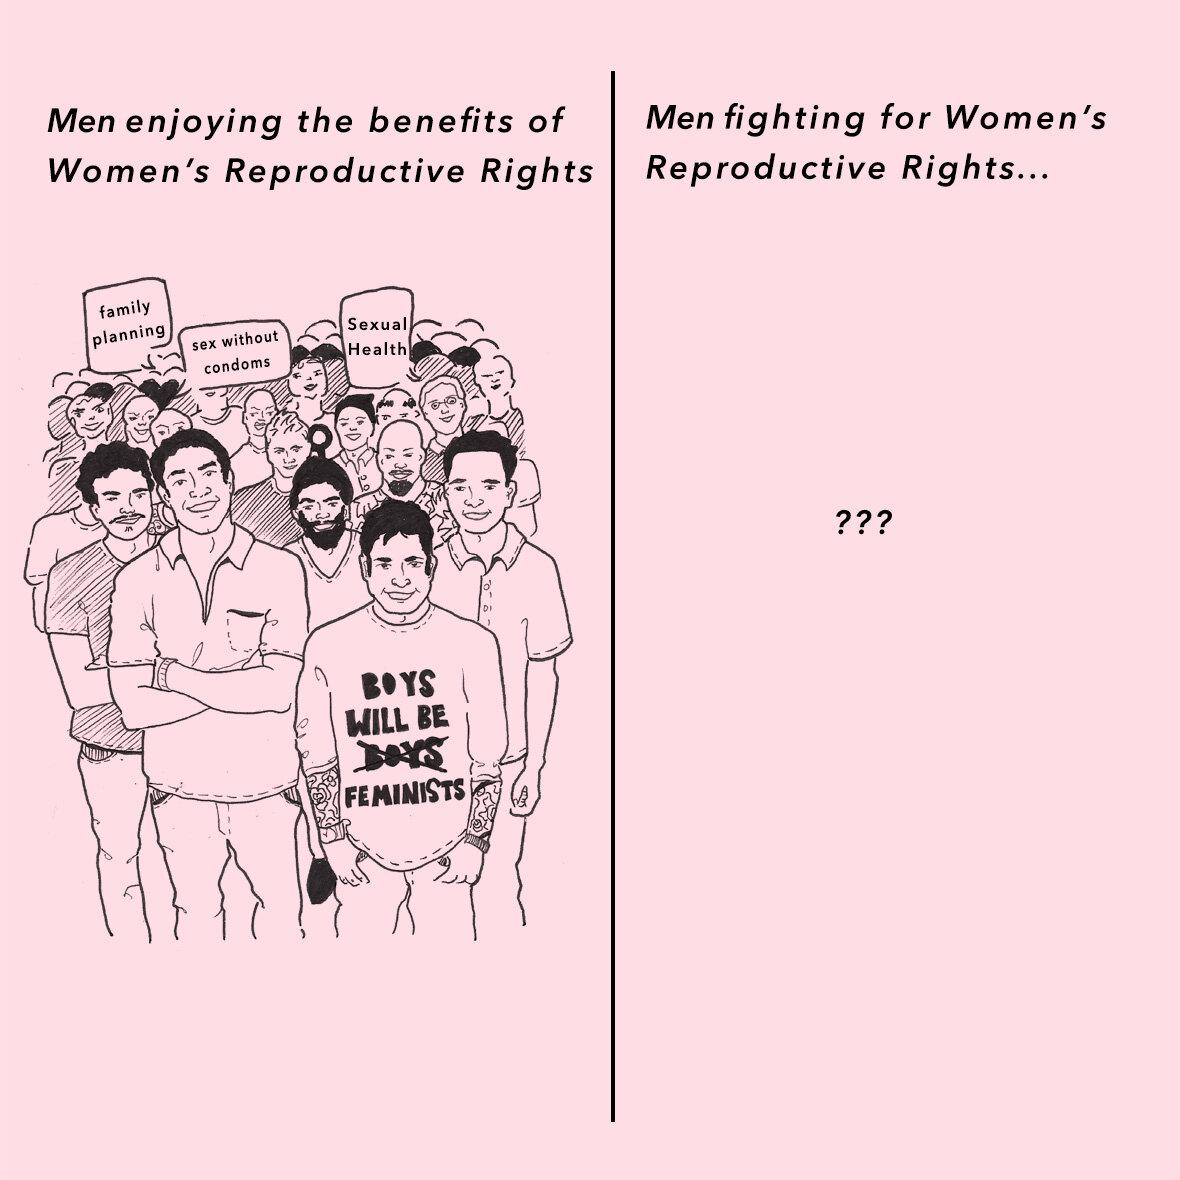 men benefitting.jpg